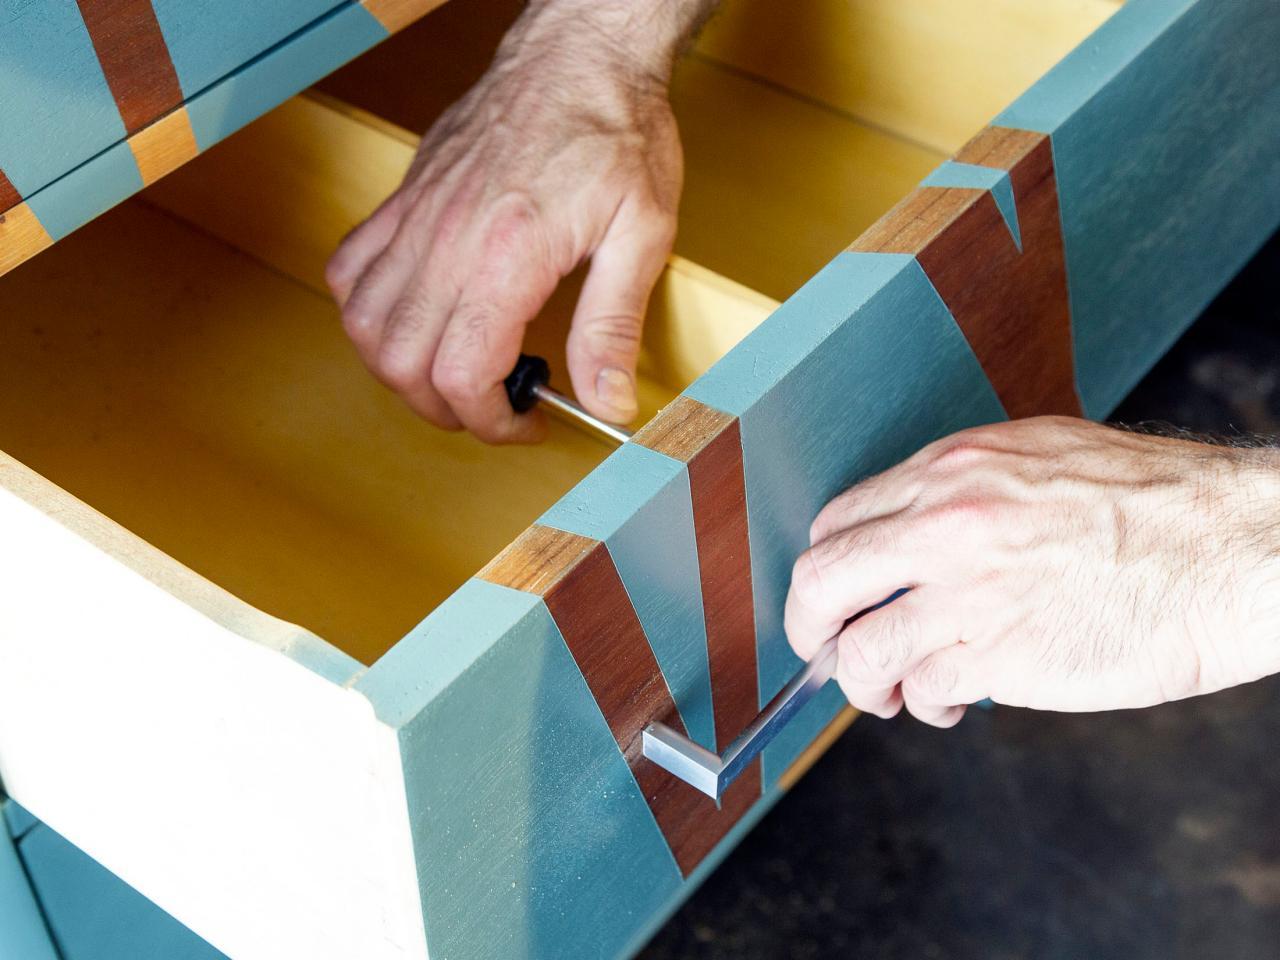 Как обновить комод своими руками - прикрепляем ручки на комод